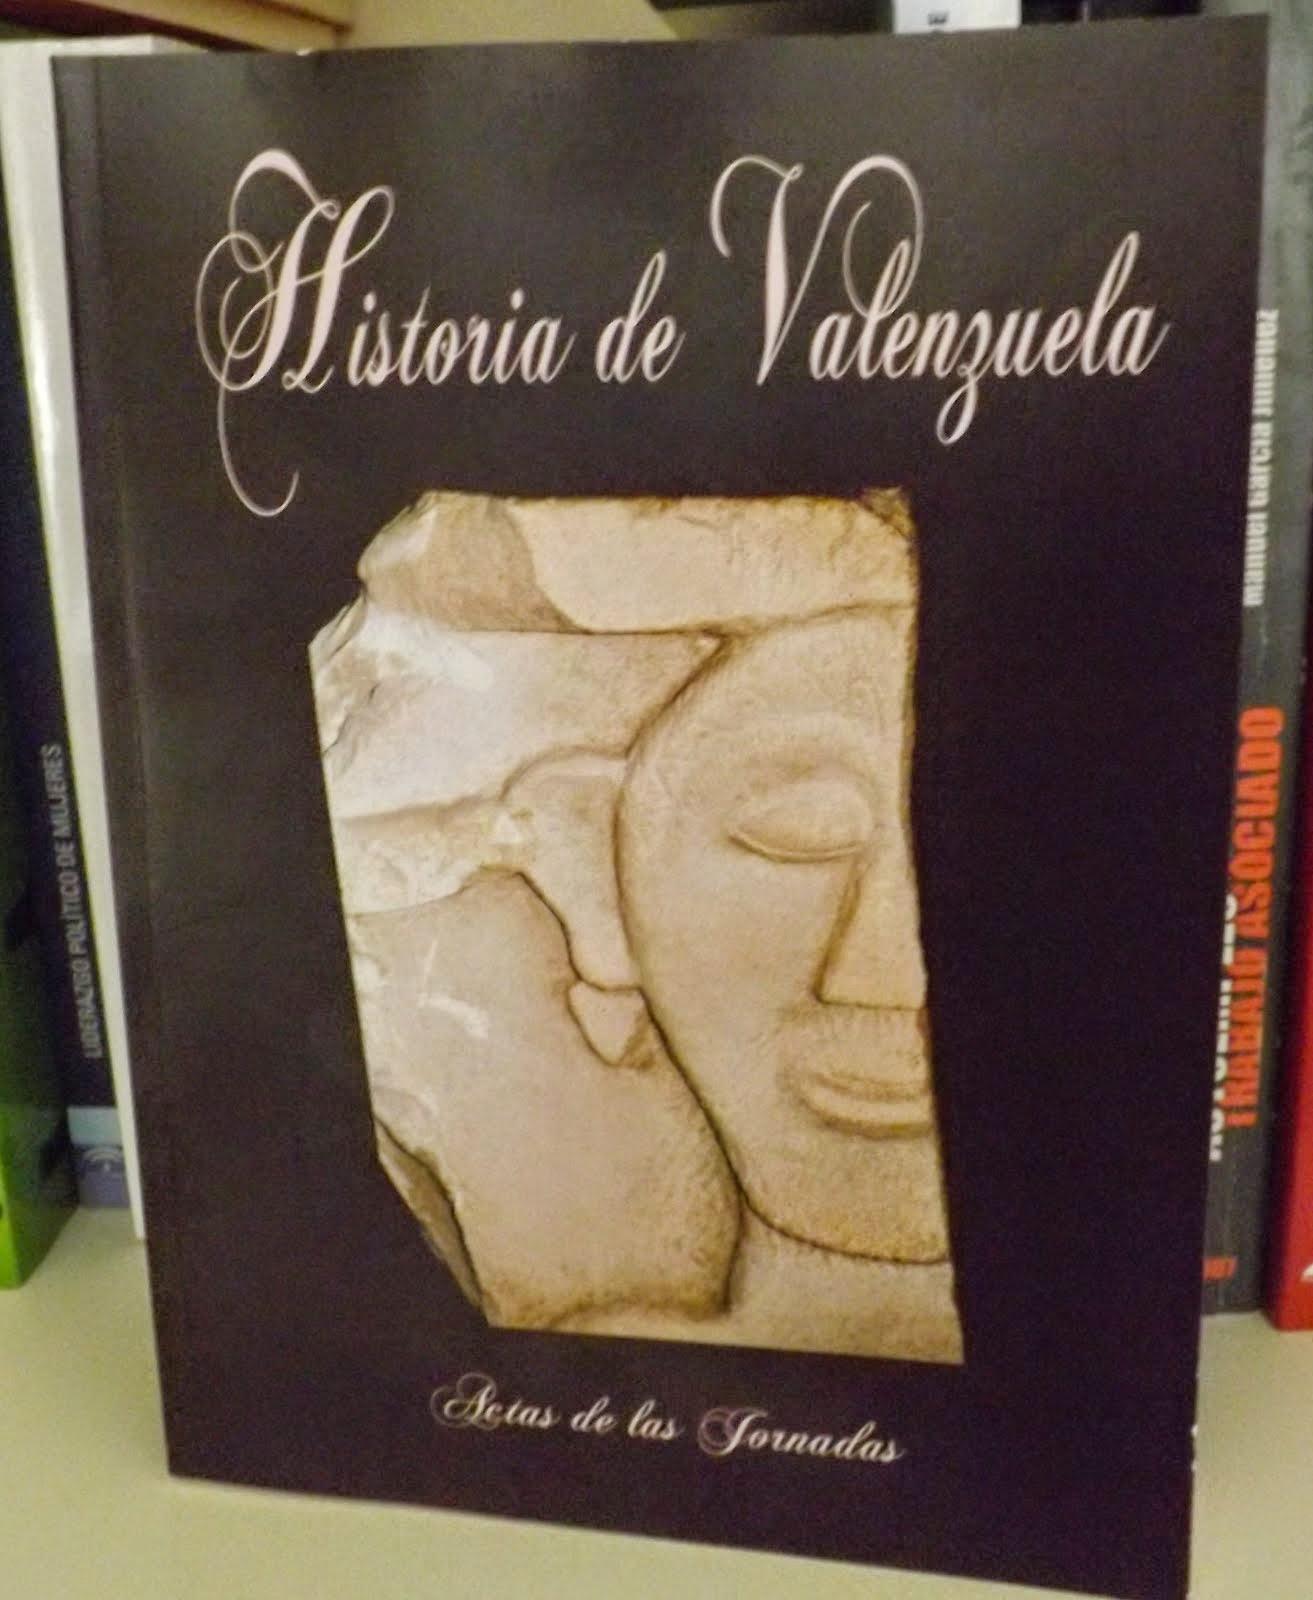 Libro 'Historia de Valenzuela'